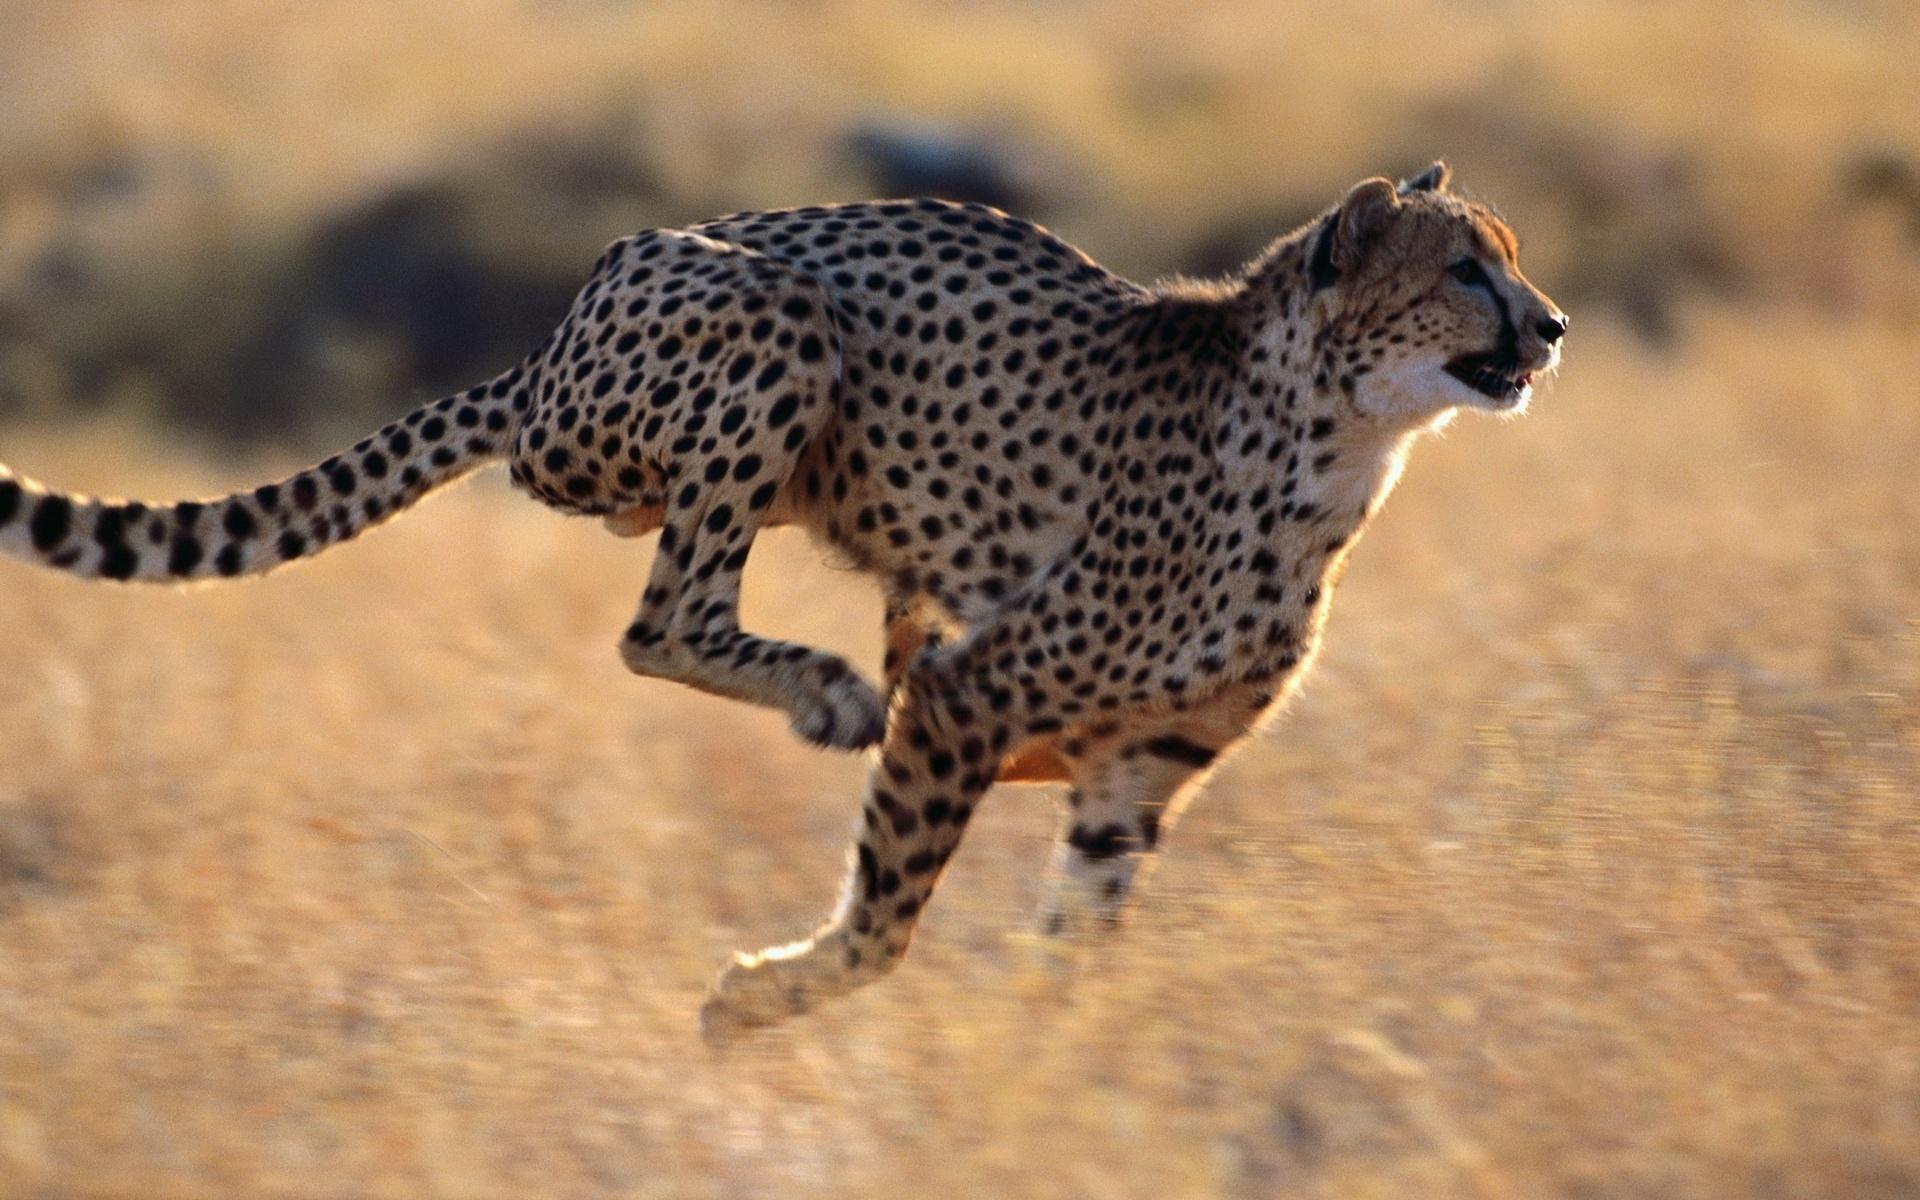 двигаются картинки про животных формата